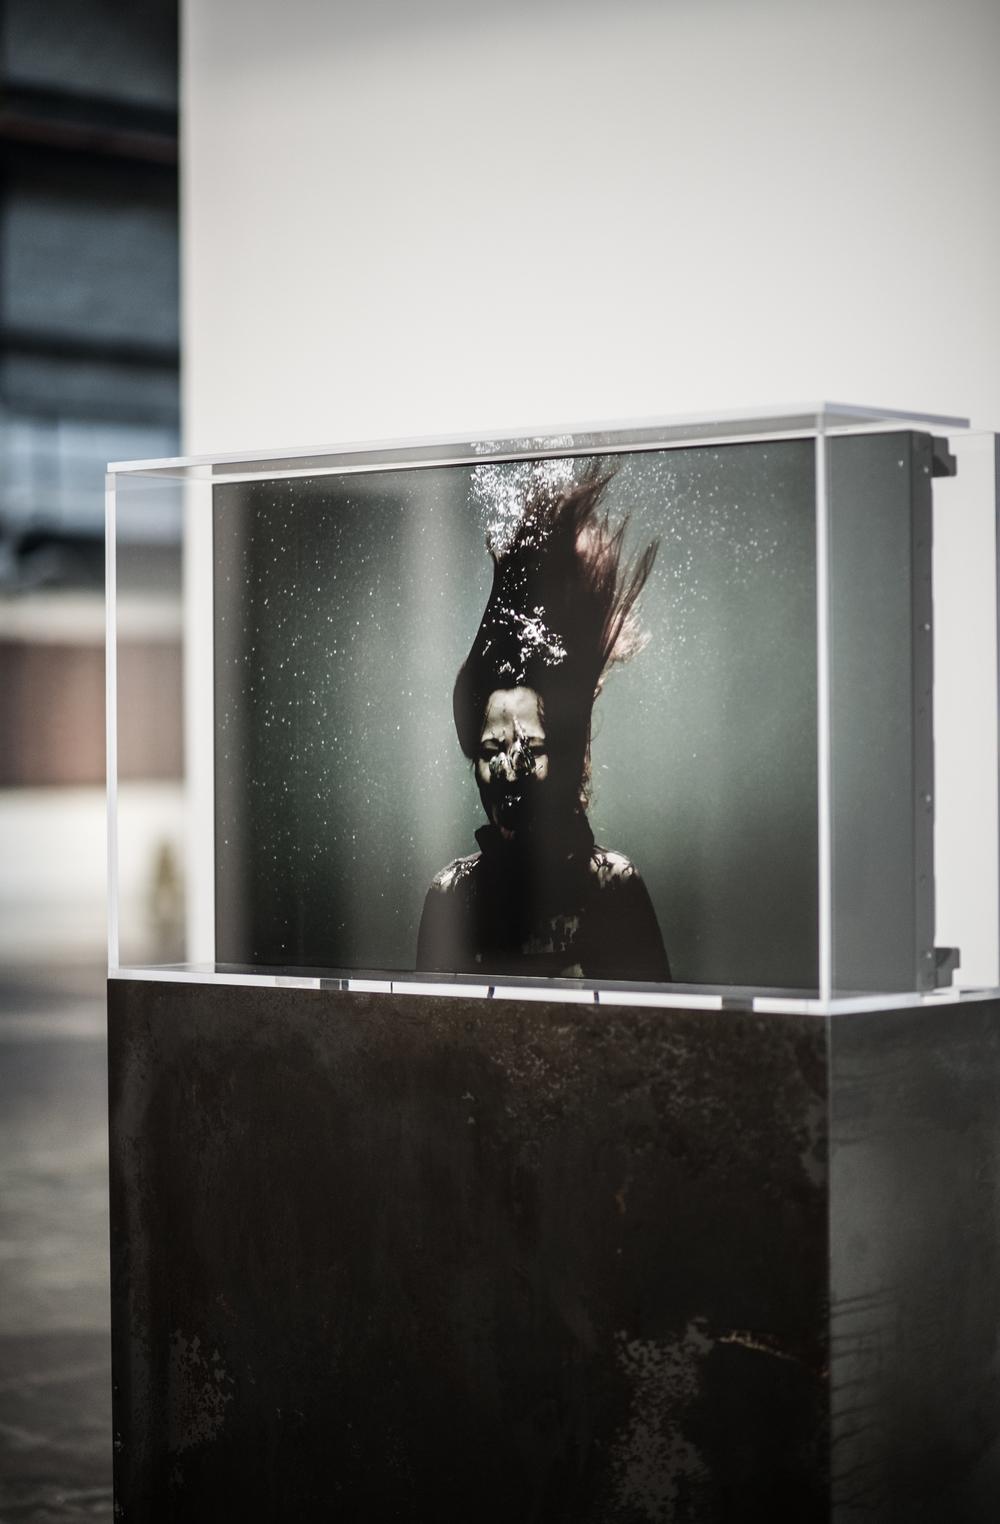 y2o Huis clos , 2015   Un mot de l'artiste  Prenant place dans une cuve, Huis clos est une adaptation de l'œuvre y2o. Dans ce vidéo d'une durée approximative de trois heures, le temps à été transformé et la trame narrative disparait pour faire place à la décomposition du mouvement des corps. Sept fois plus lente que y2o, cette œuvre questionne l'élasticité du temps et notre perspective sur cette dernière. Suspendus à l'extérieur de la réalité, les spectateurs sont invités à se perdre dans les émotions, gestes, et micromouvements à l'écran.